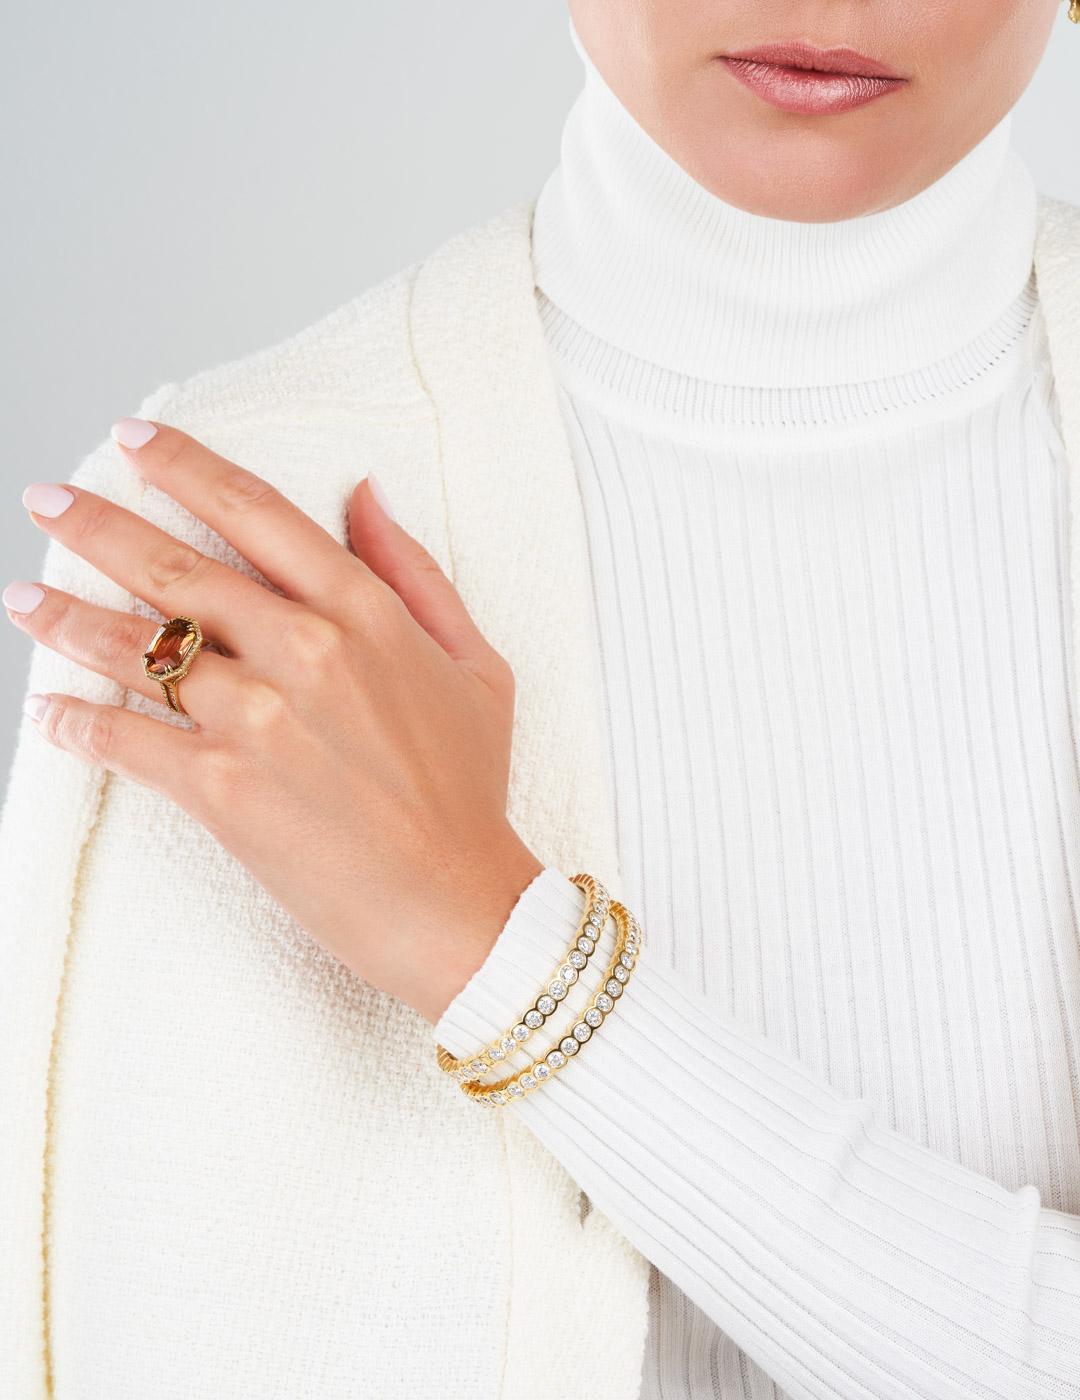 mish_jewelry_product_Elizabeth-Bangle-3